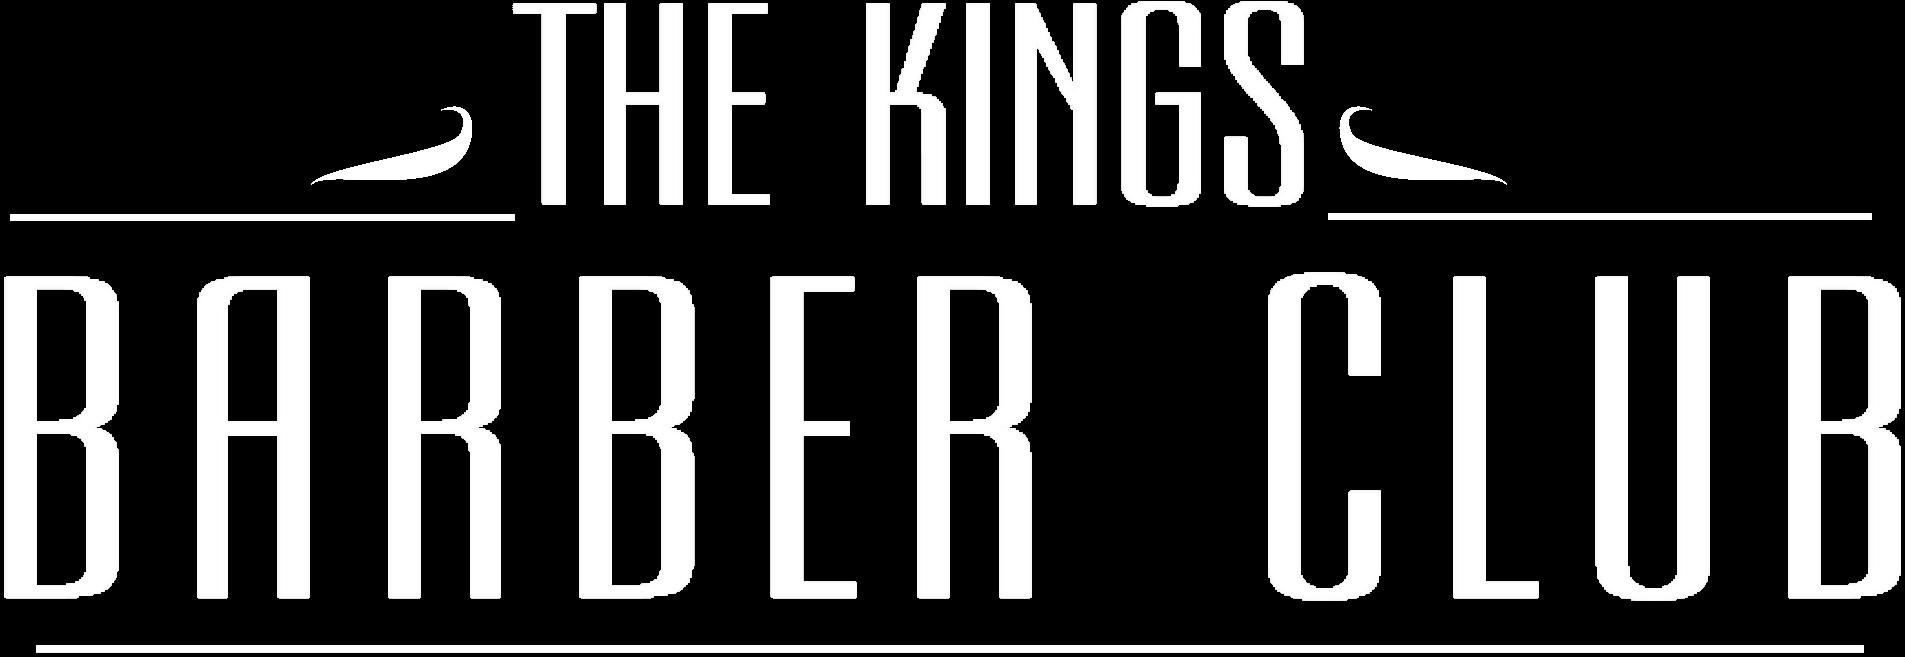 Барбершоп The kings